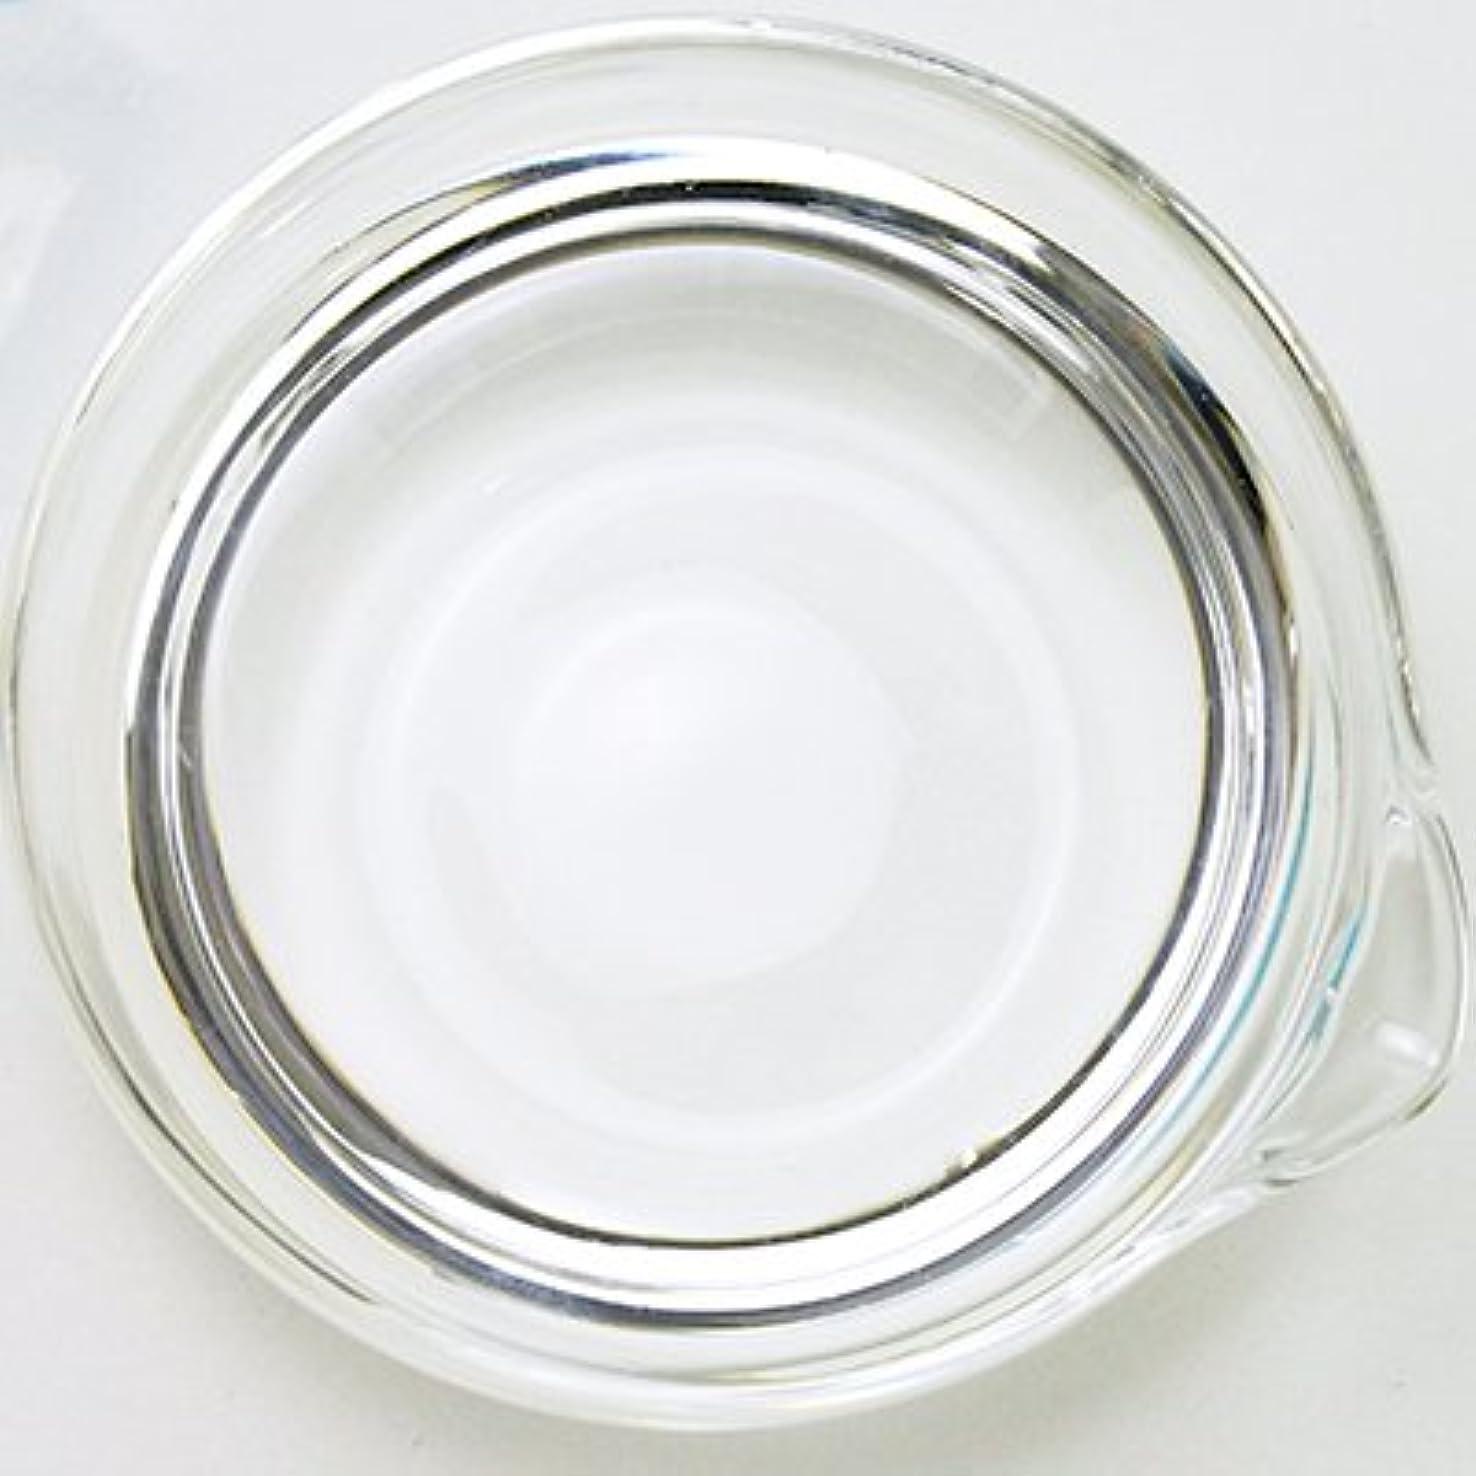 カート強大なモードホワイトオリーブオイル [吸着精製オリーブオイル] 1L 【手作り石鹸/手作りコスメ/ピュアオリーブオイル】